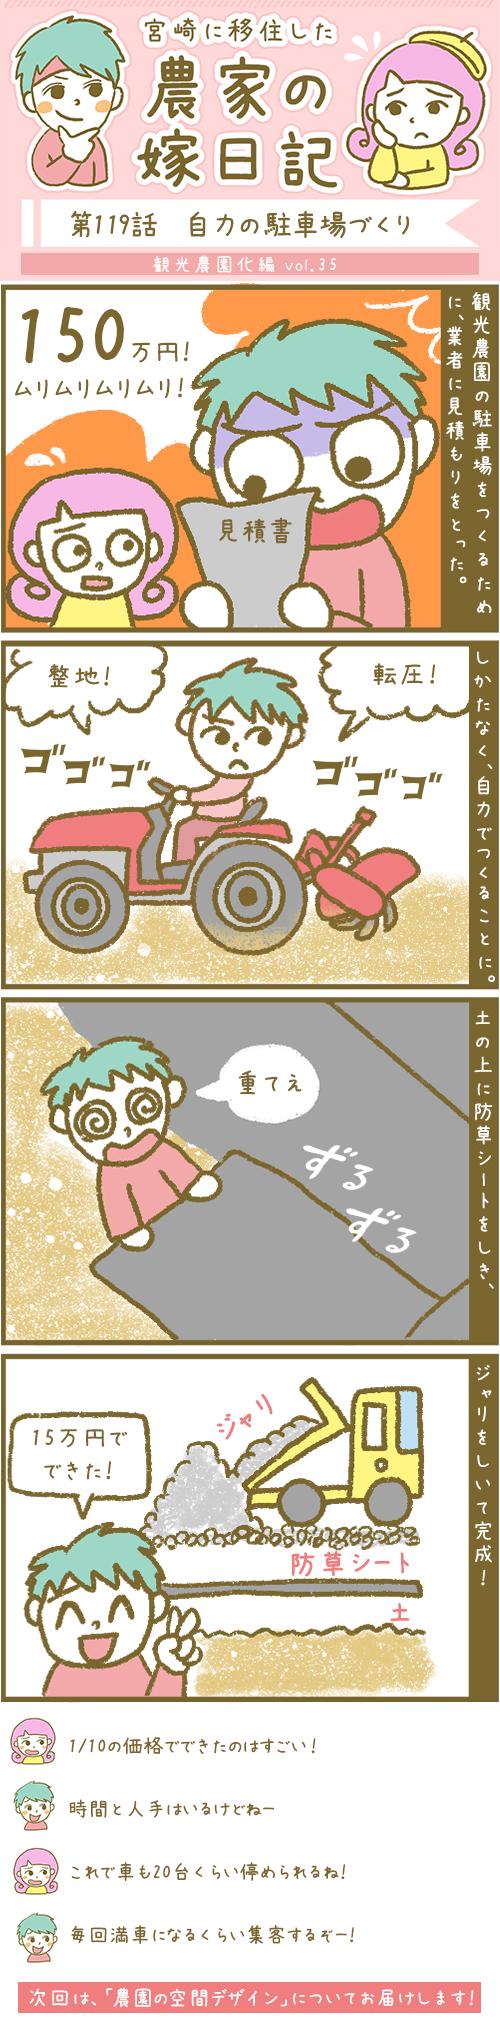 漫画第119話